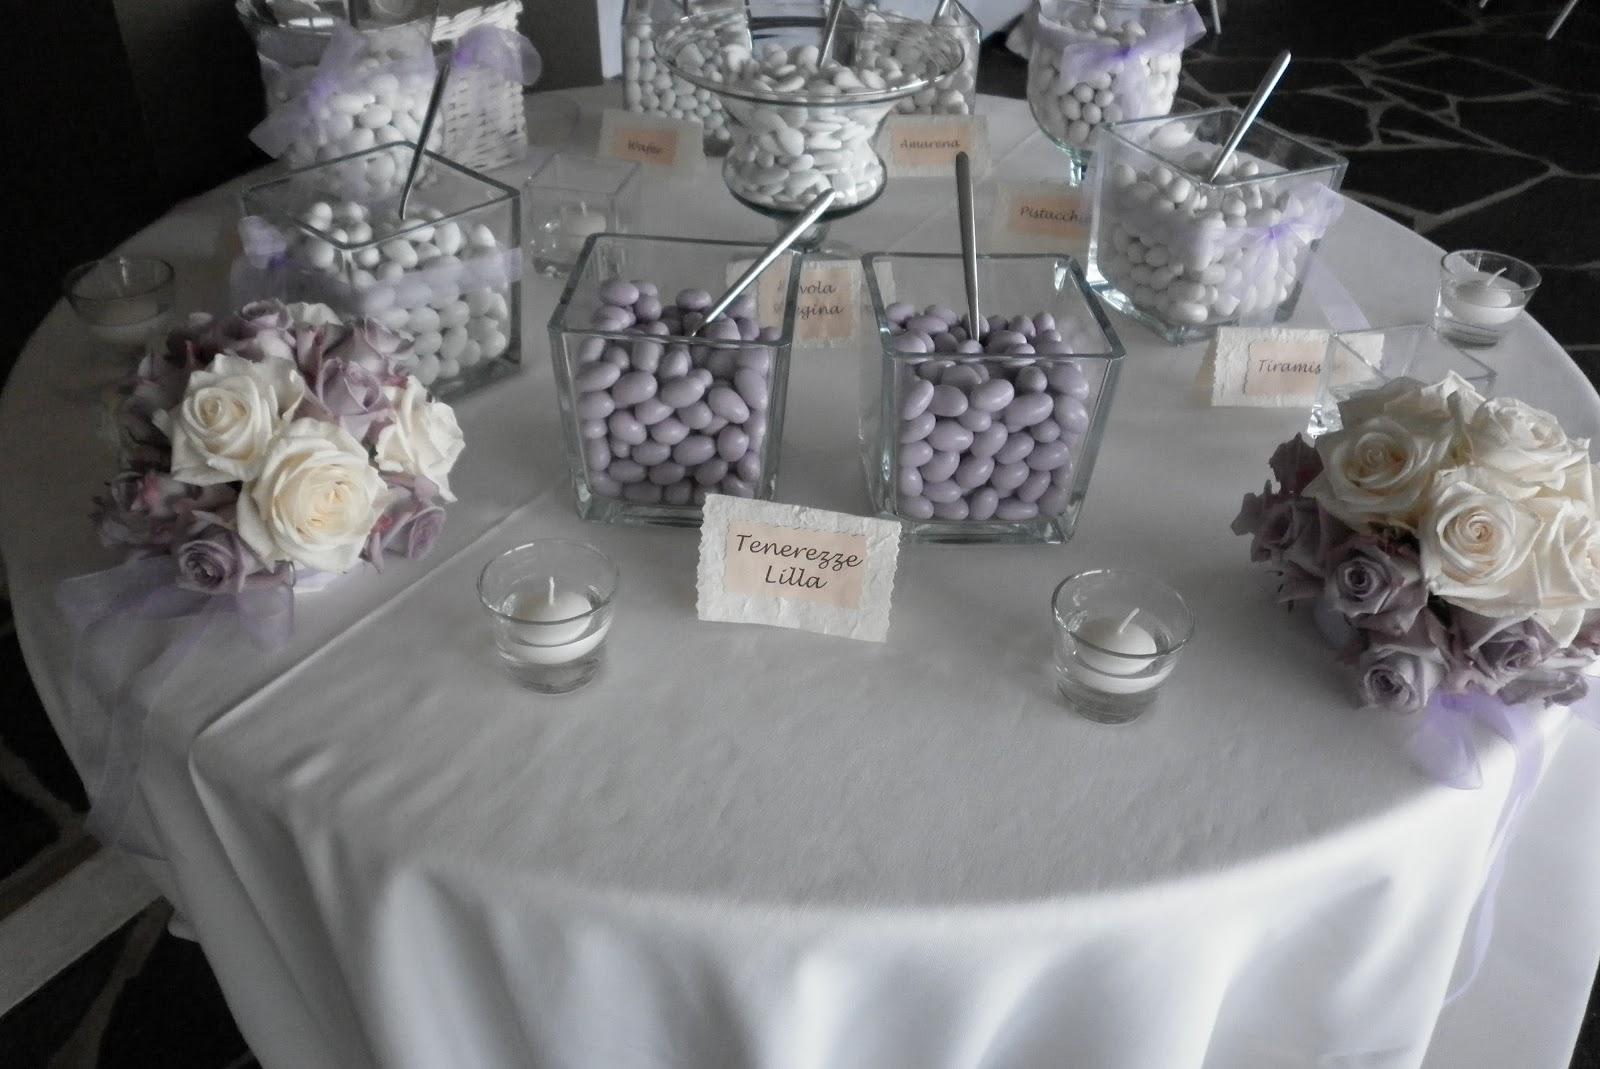 Mareventi wedding planner ravenna allestimenti floreali matrimonio bomboniere partecipazioni - Addobbo tavolo casa della sposa ...